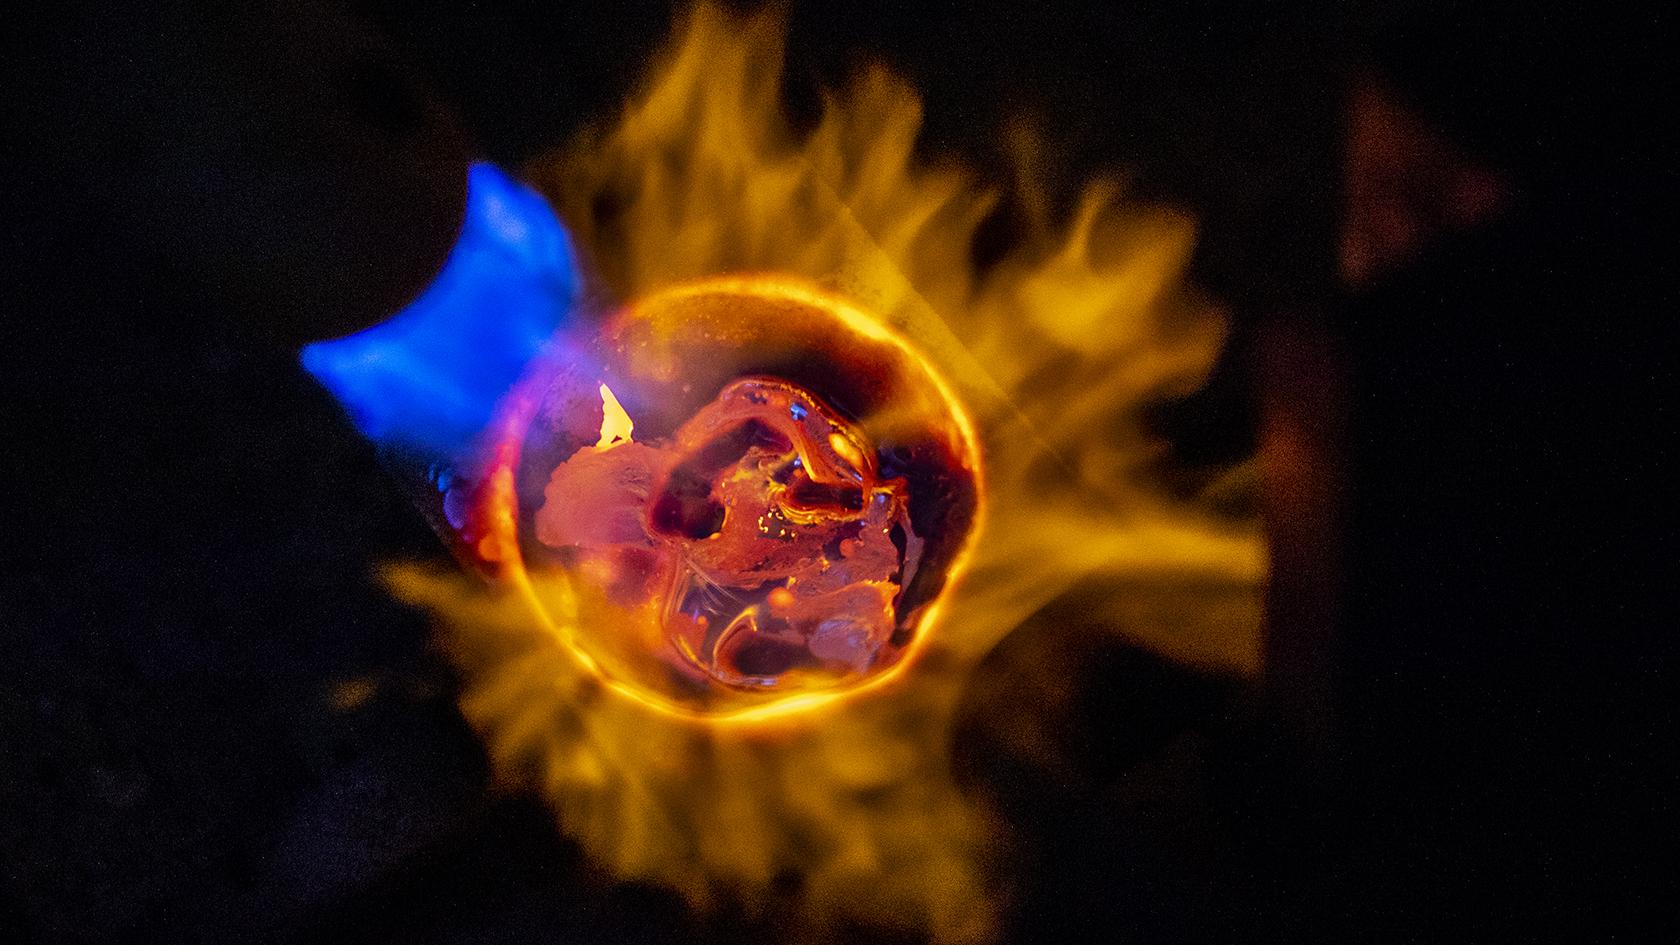 Camilla Jensen smelter 14 karat guld ved at opvarme det til omkring 1000 grader. Det smeltede guld støber hun til en kompakt firkant, som bagefter kan valses til fx guldtråd.